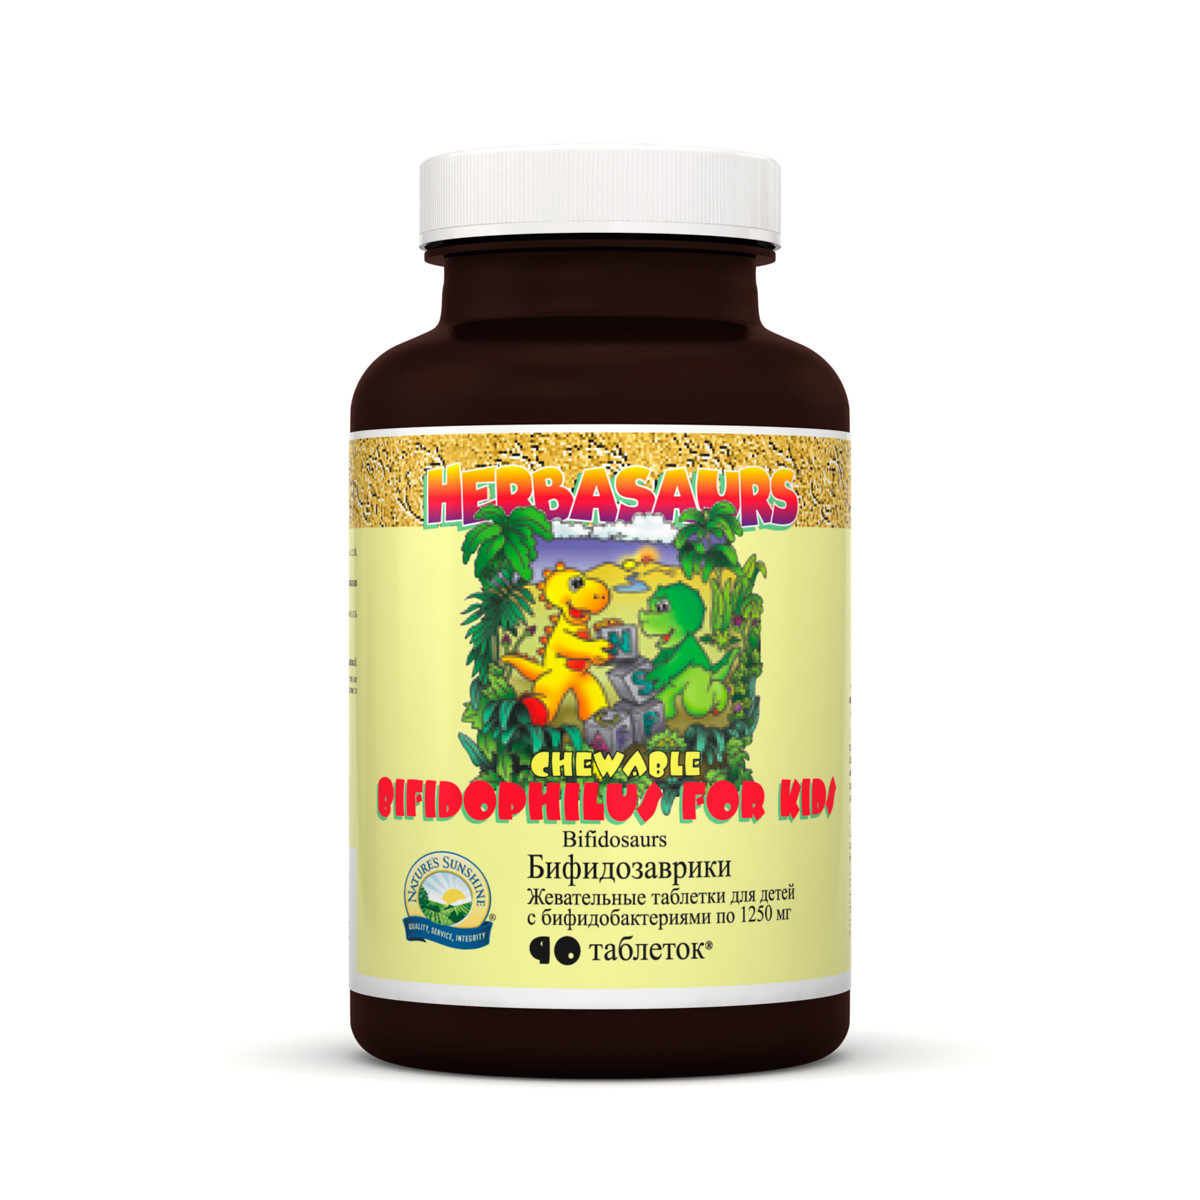 Бад Бифидозаврики жевательные таблетки для детей с бифидобактериями НСП